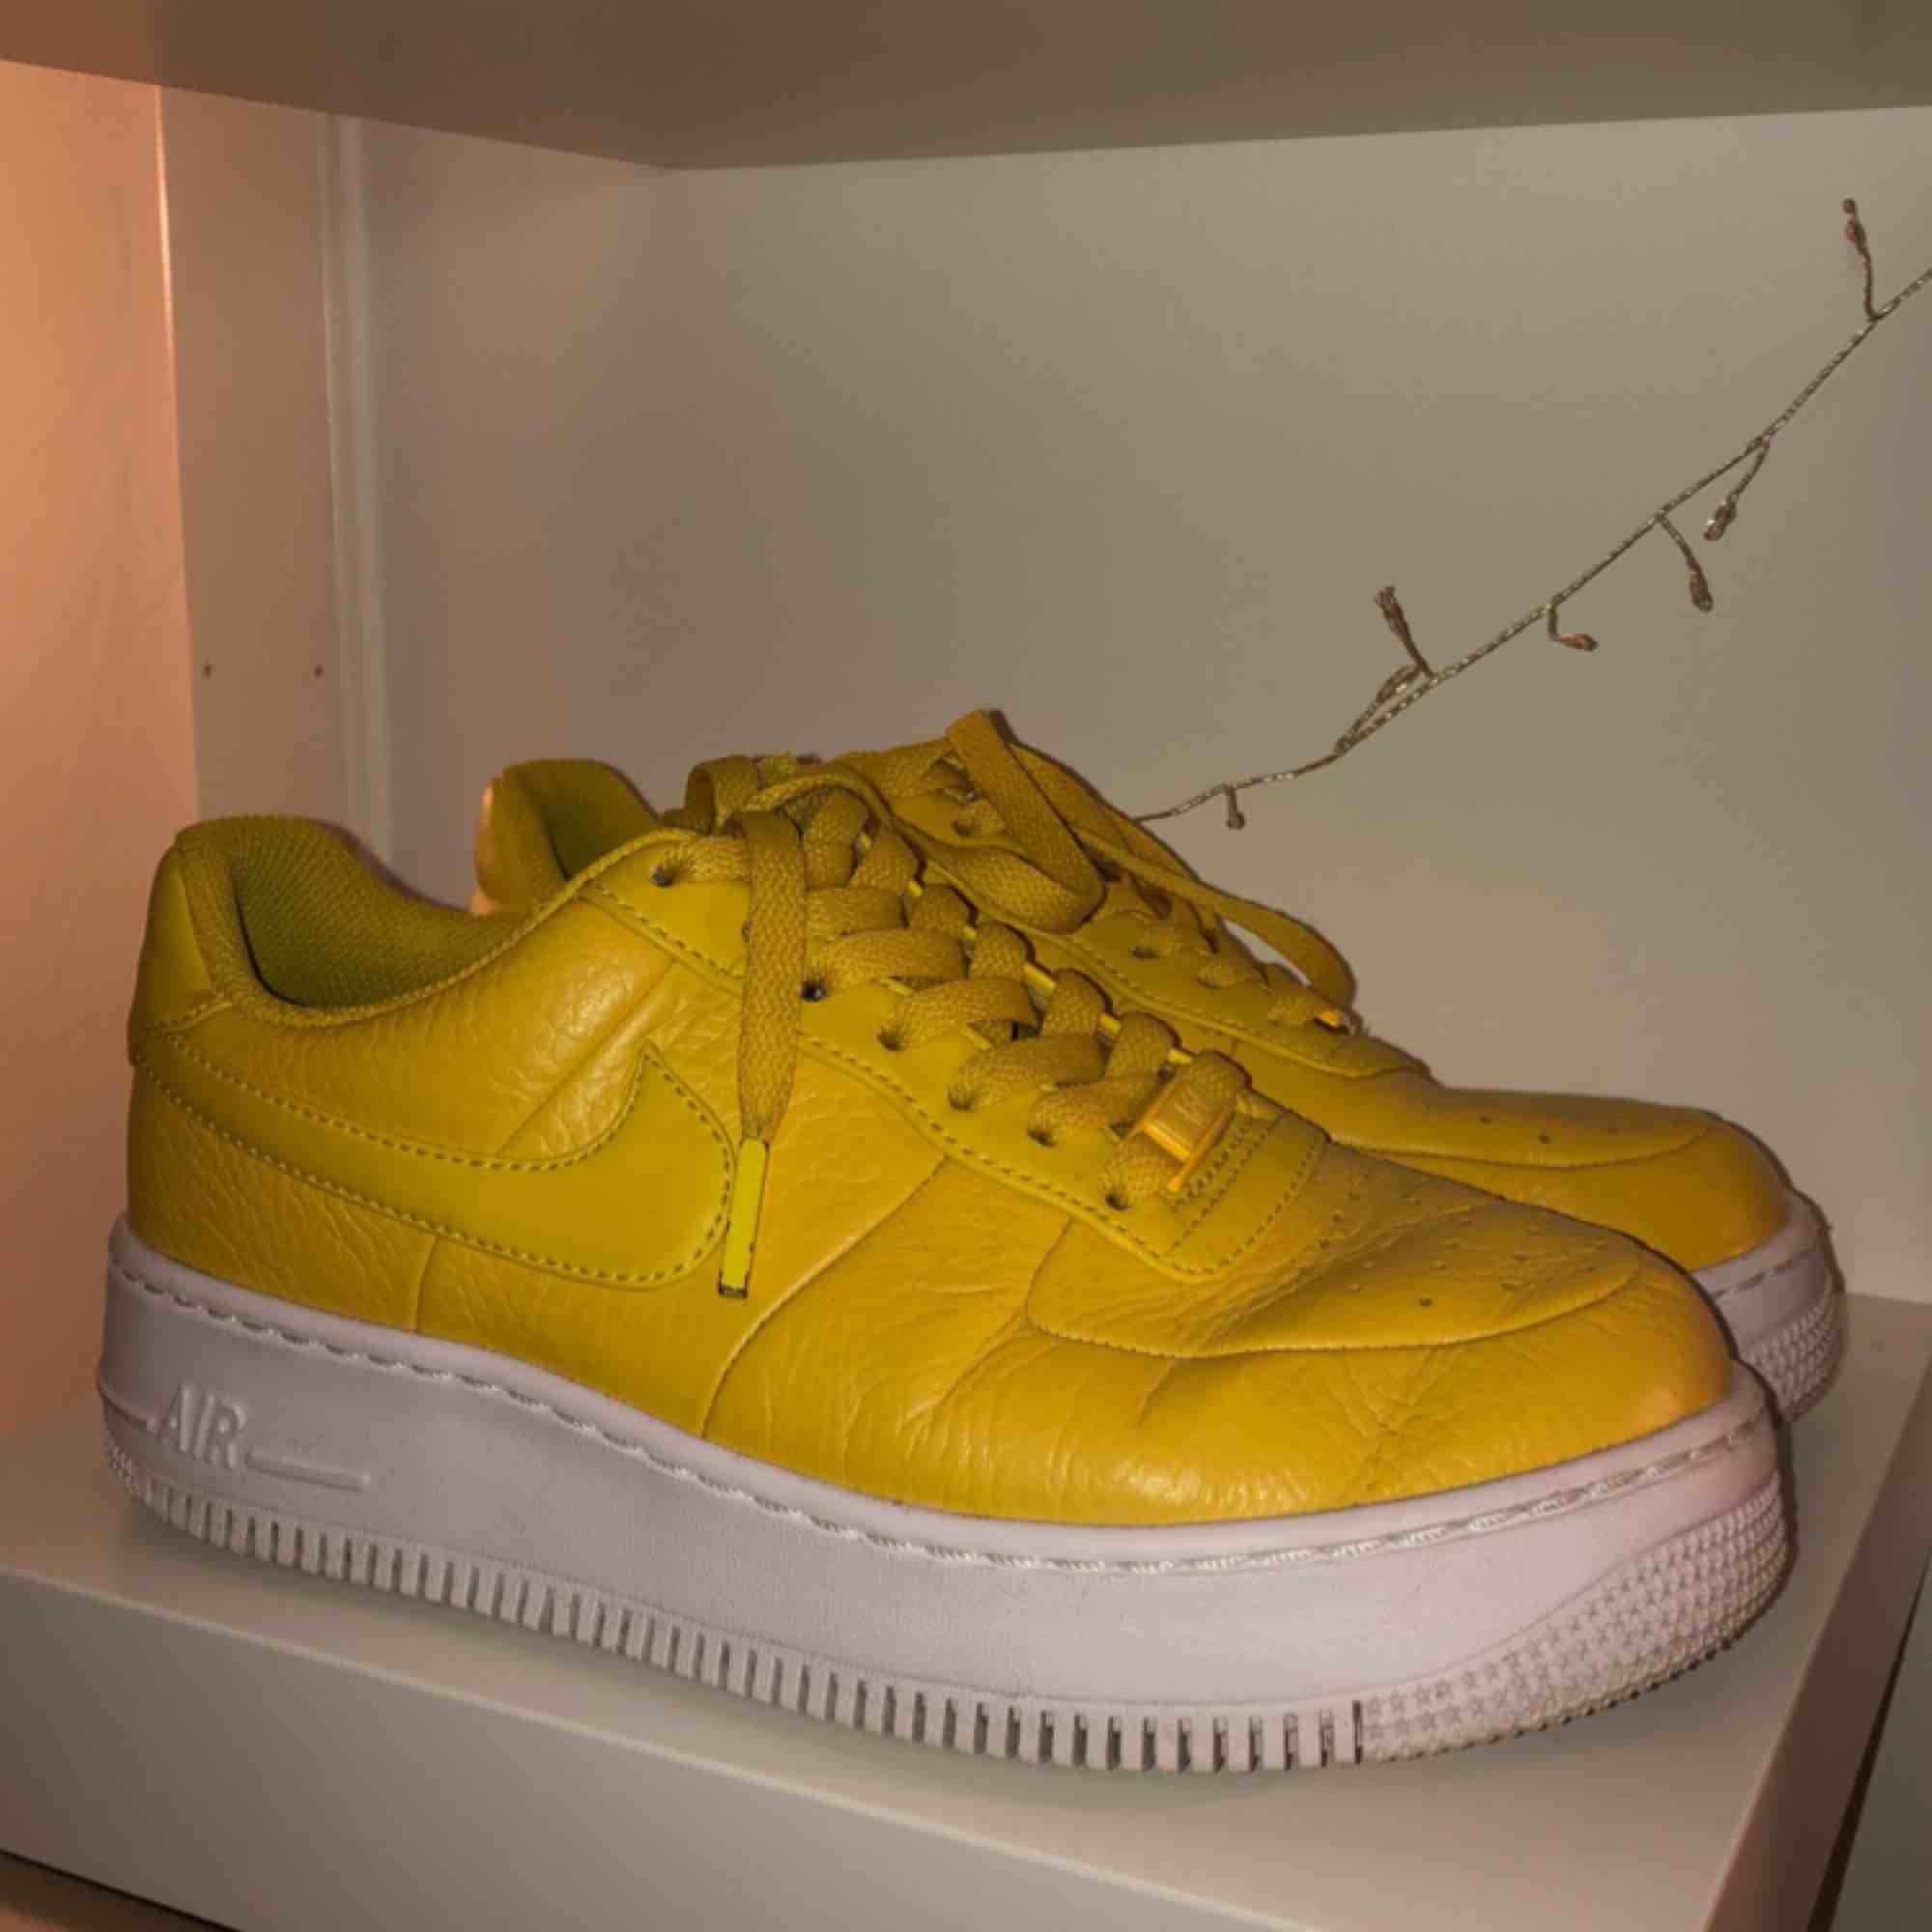 94844cd1066 ... Mina ääälskade, älskade gula Nike air force 1 som jag tyvärr inte får  användning av